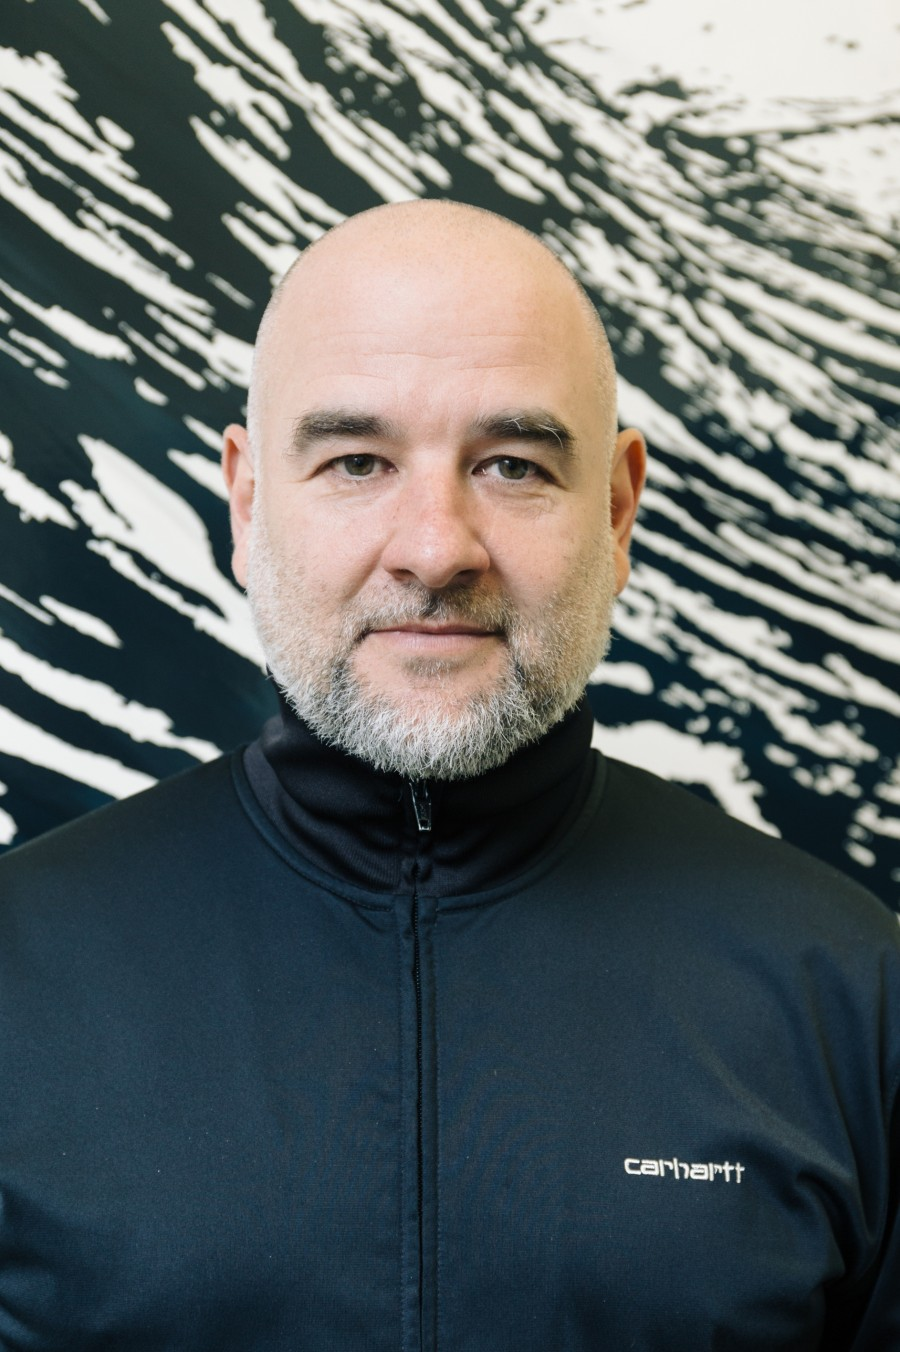 Sven Drühl - KünstlerOktober 2015